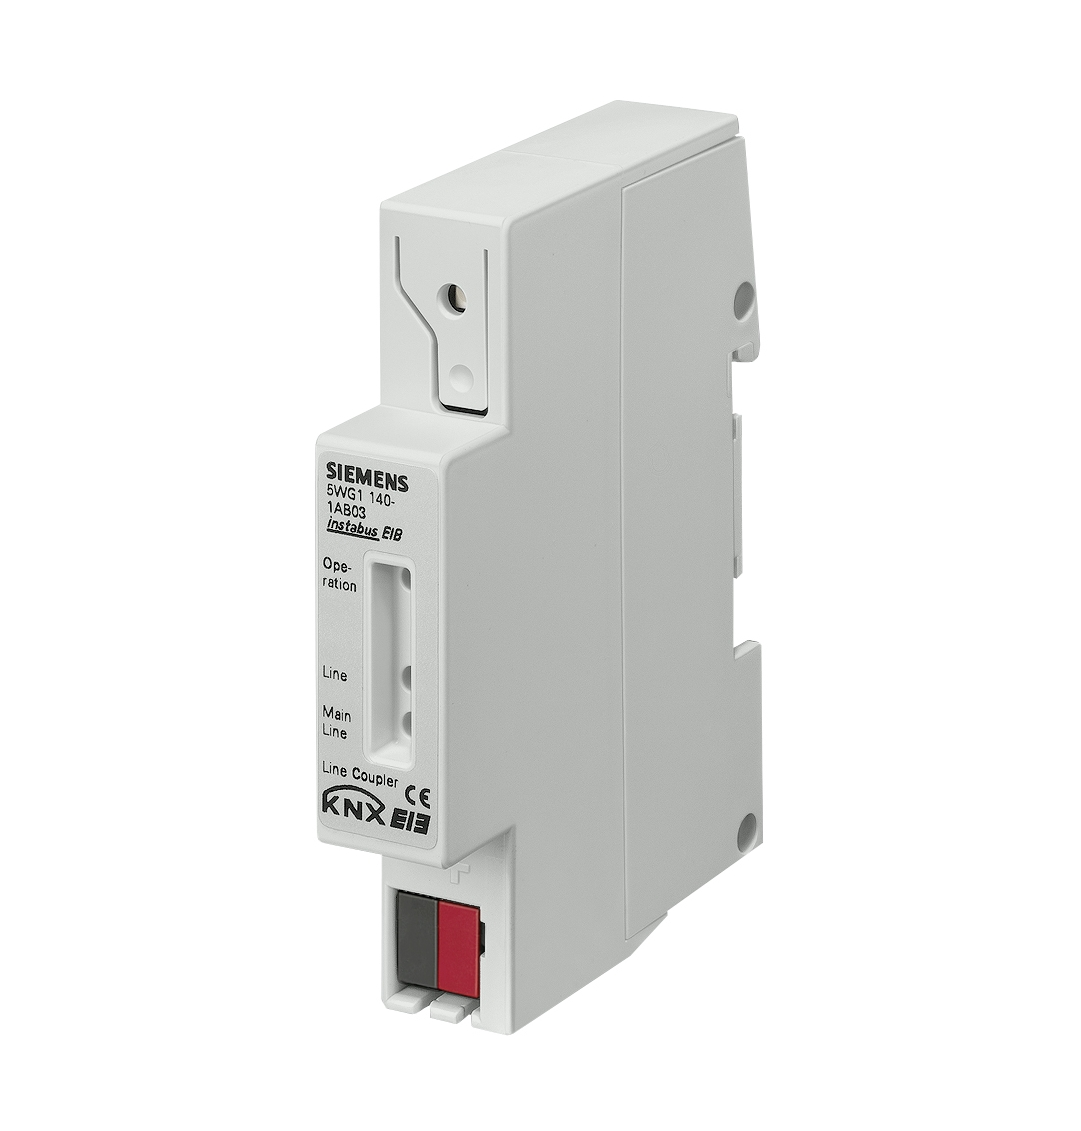 1 Stk Linien-/Bereichskoppler für Datenschiene KX1401AB03